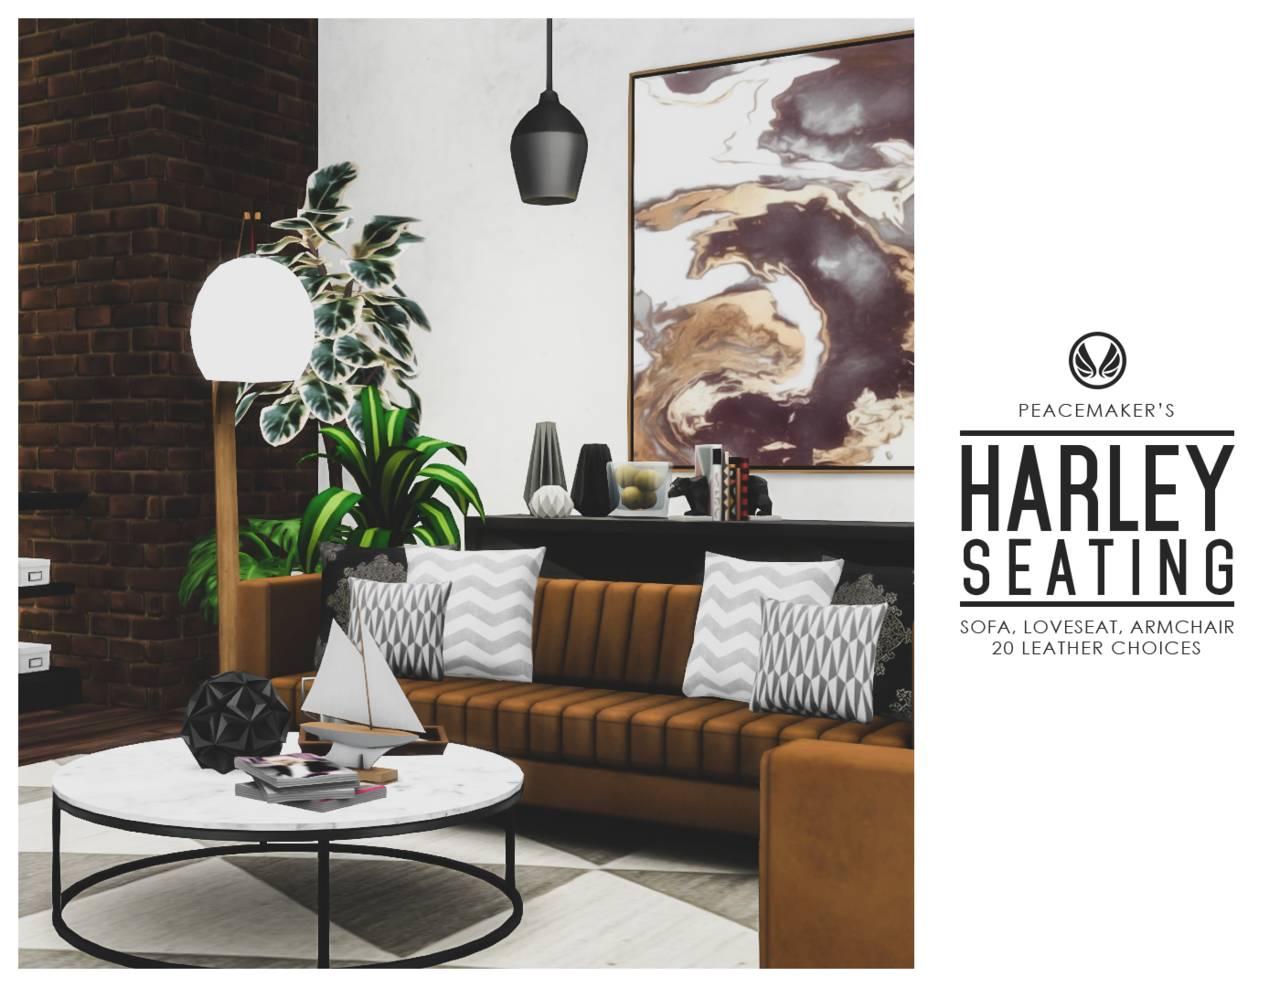 Набор мебели - HARLEY SEATING